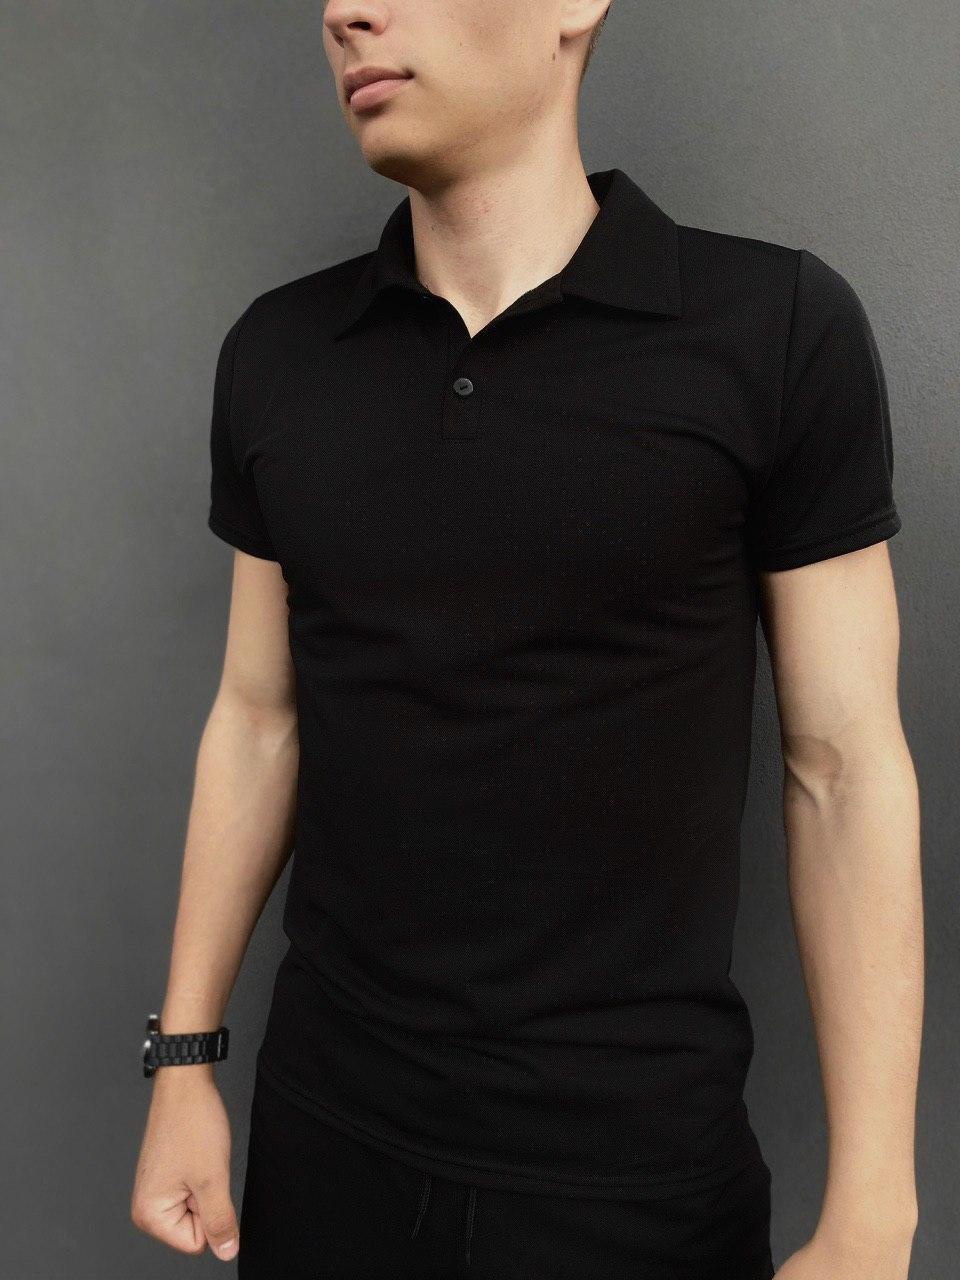 Мужская футболка поло Intruder LaCosta черная в размере S(46) M(48) L (50) XL(52) XXL (54)